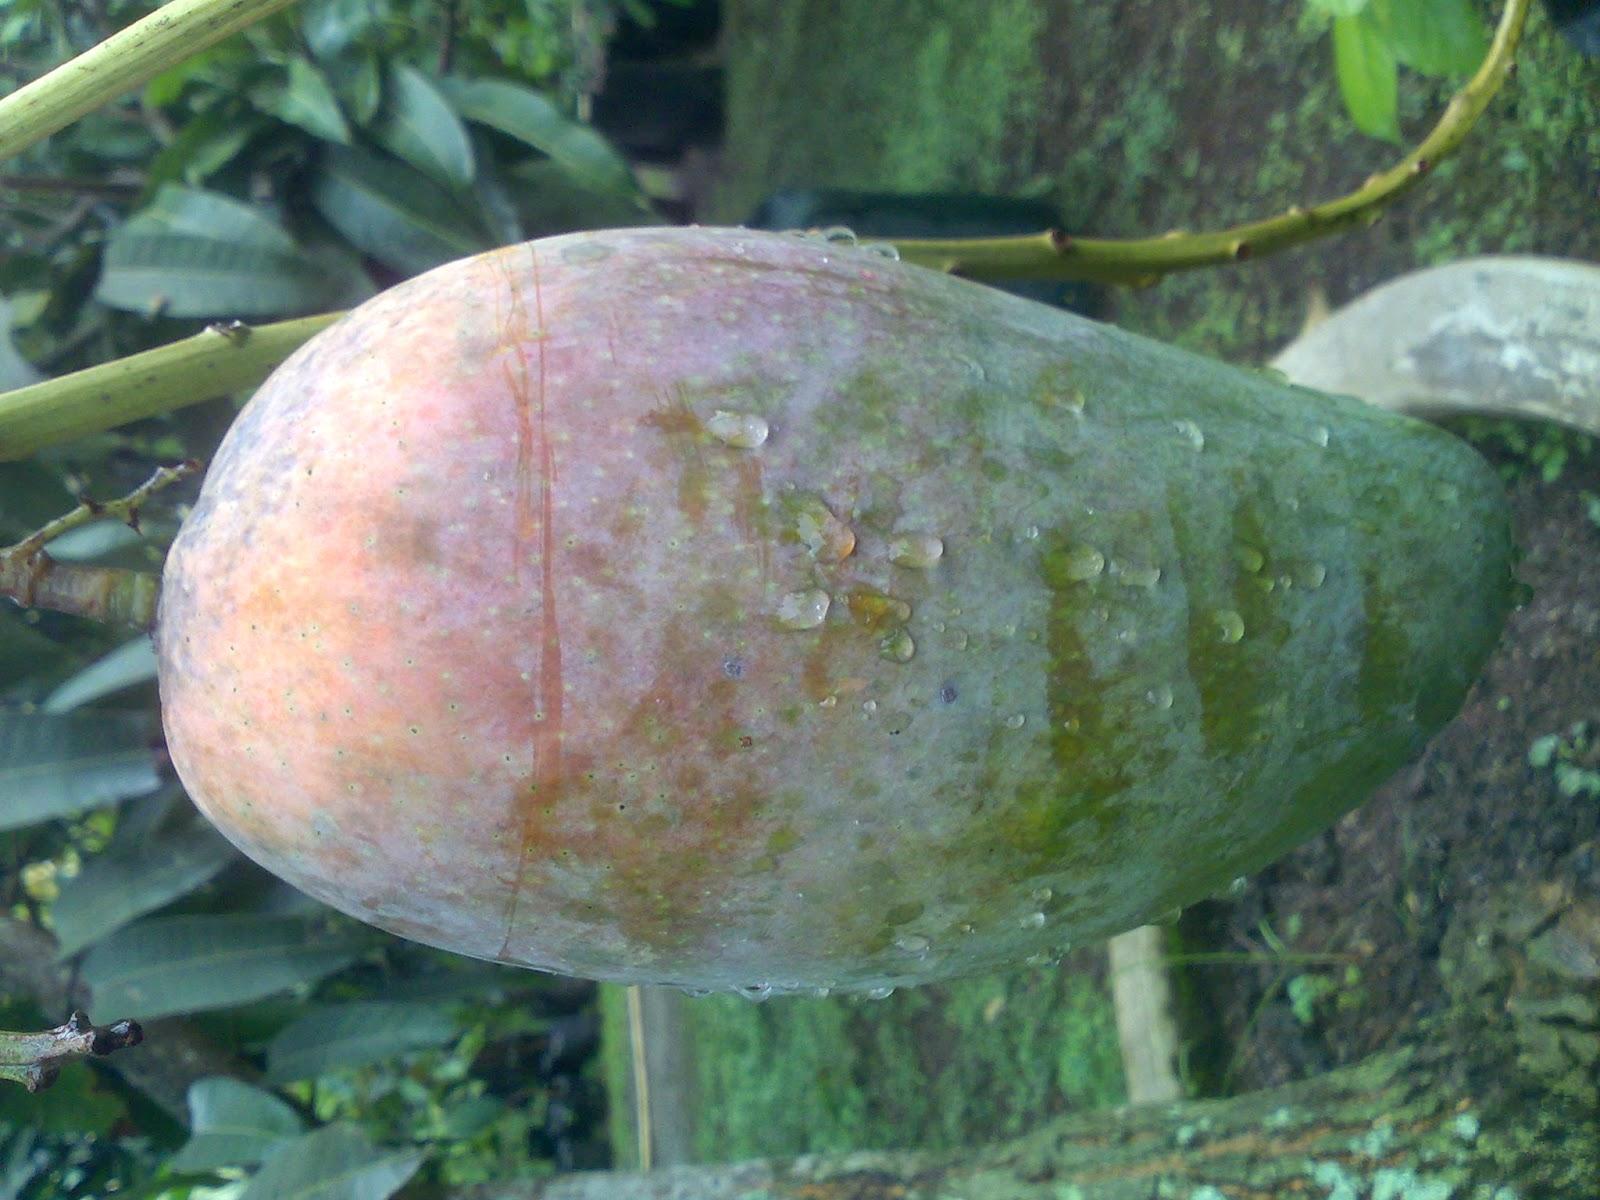 Bibit Tanaman Buah Unggul Tamora Unggul Nursery Mangga